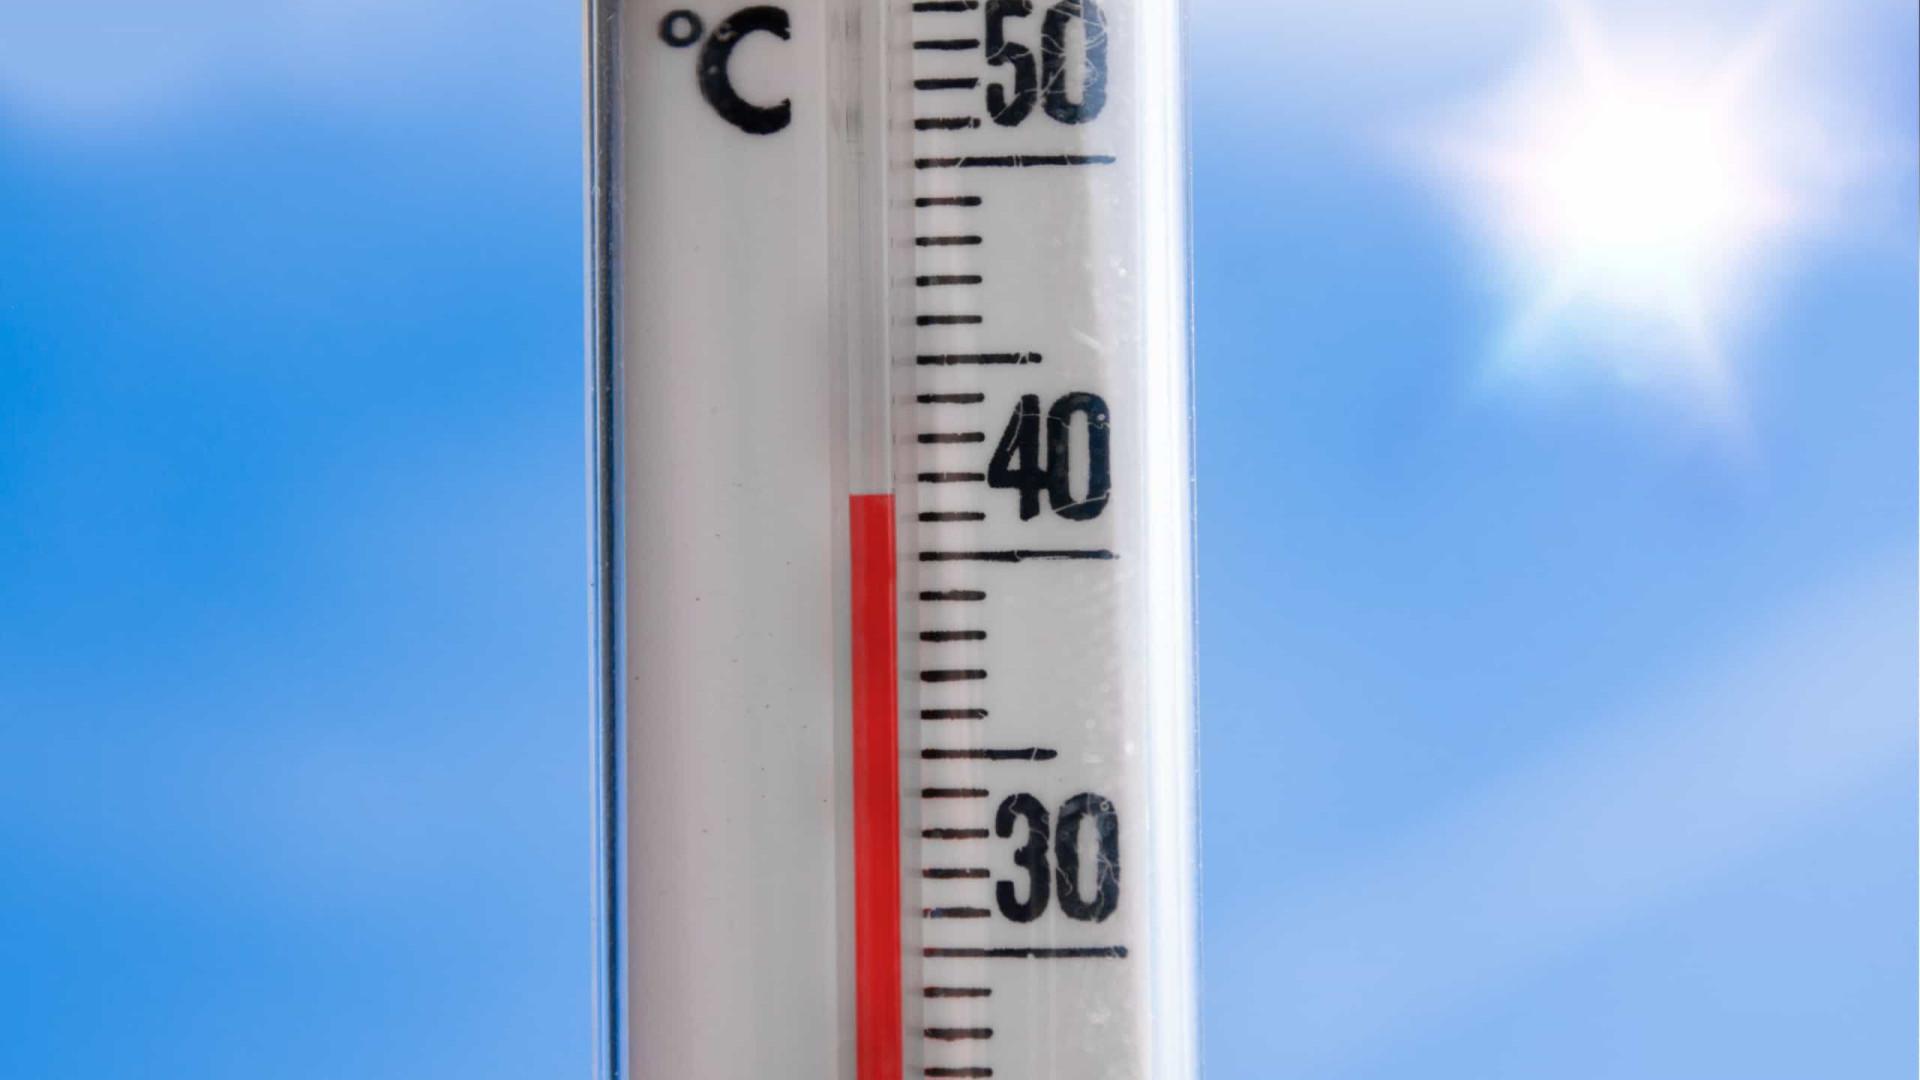 Calor excessivo aumenta risco de infarto e derrame, dizem especialistas